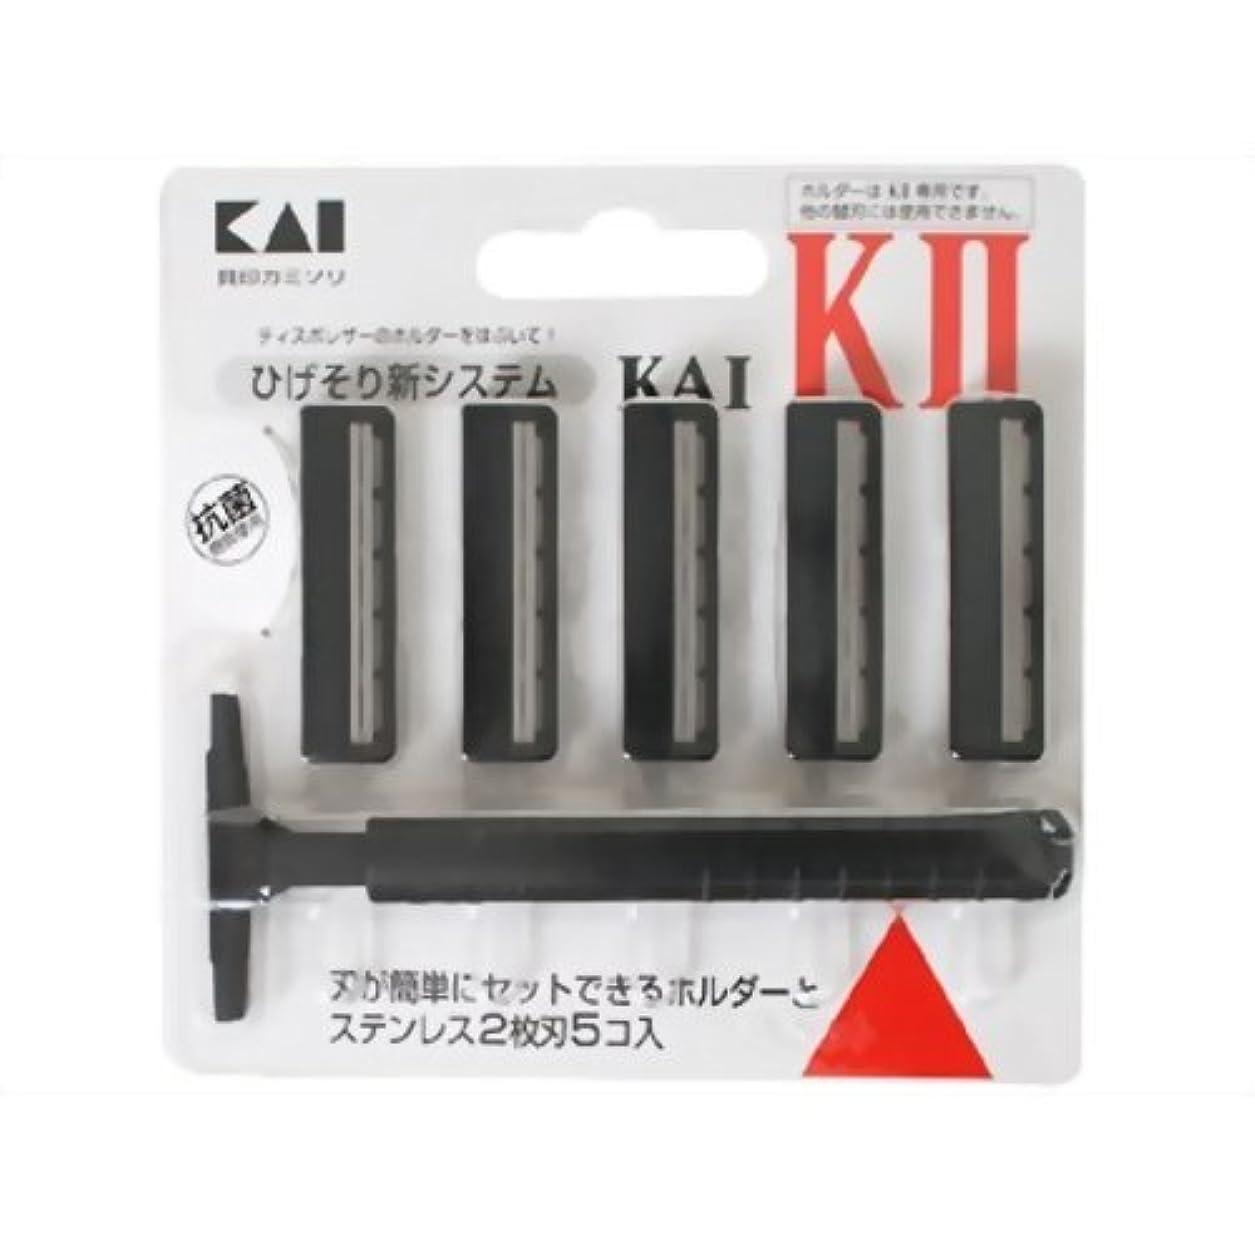 人間放つお世話になったK-2 ひげそり用カミソリ ホルダー 替刃5コ付